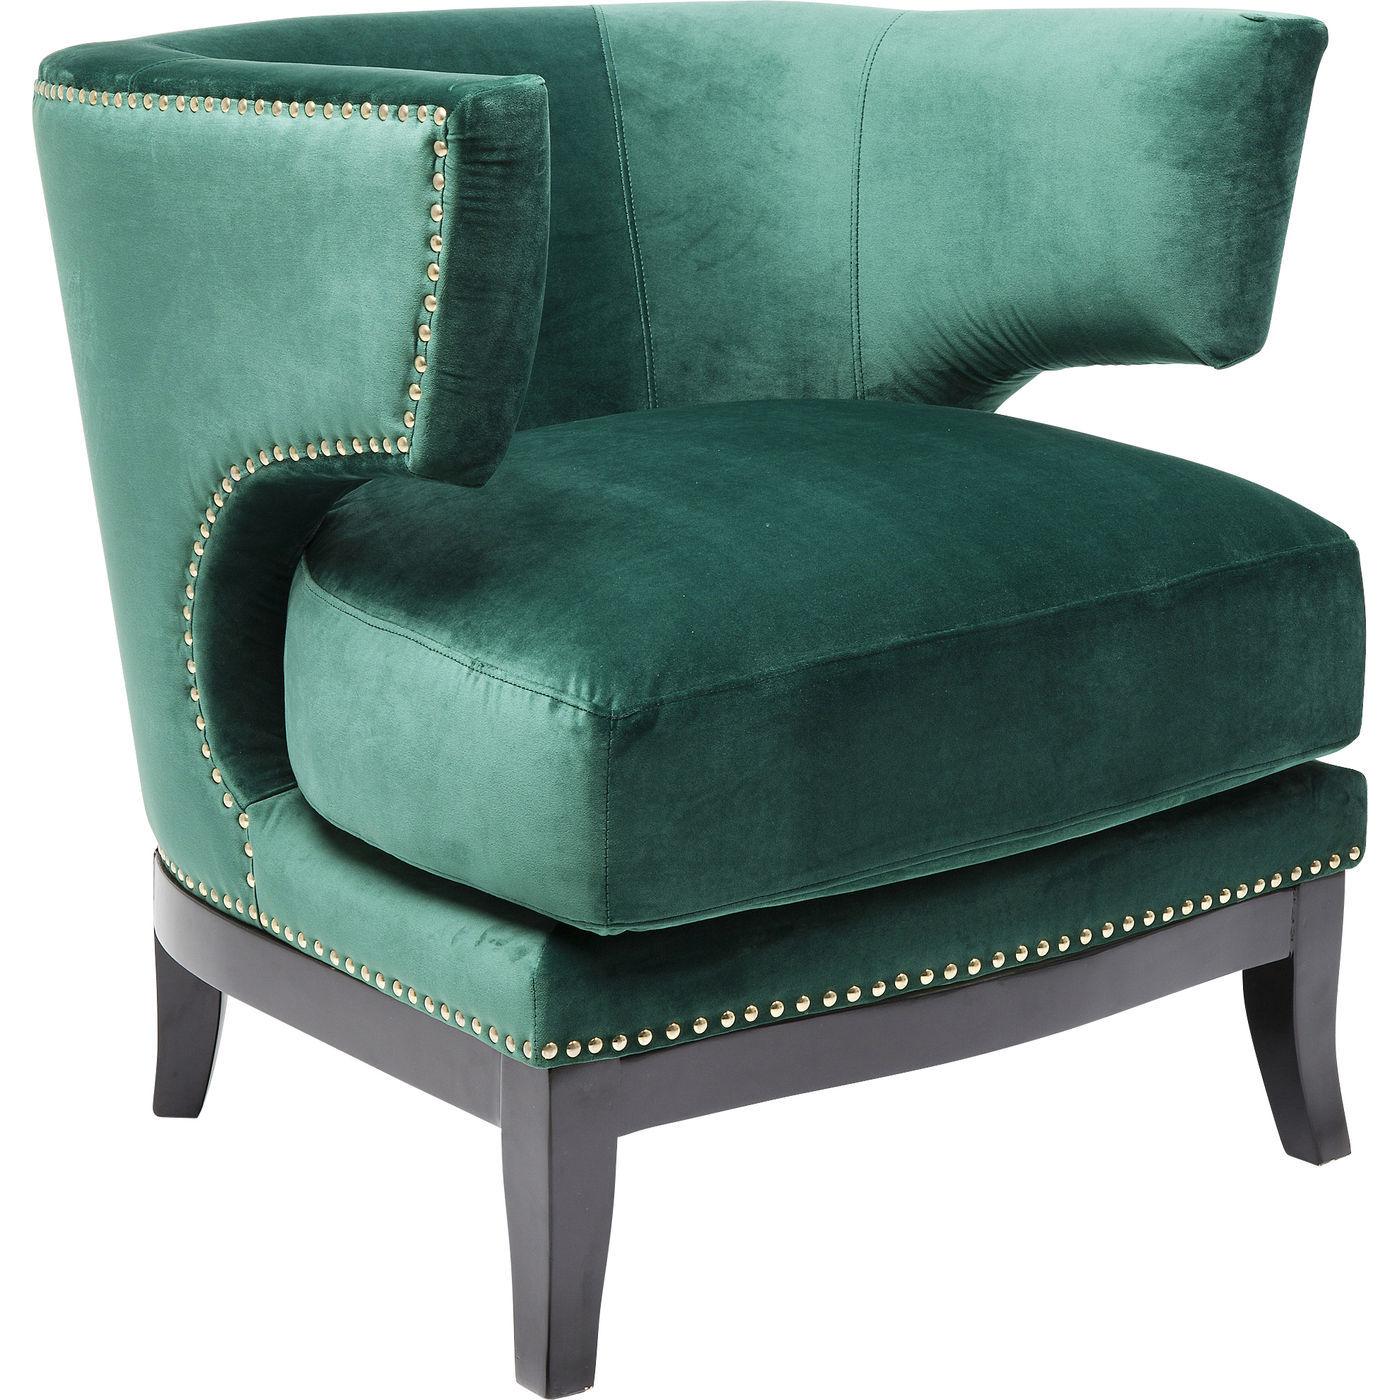 Kare design art deco green lænestol - grønt stof/sort birk, m. nitter og armlæn fra kare design på boboonline.dk